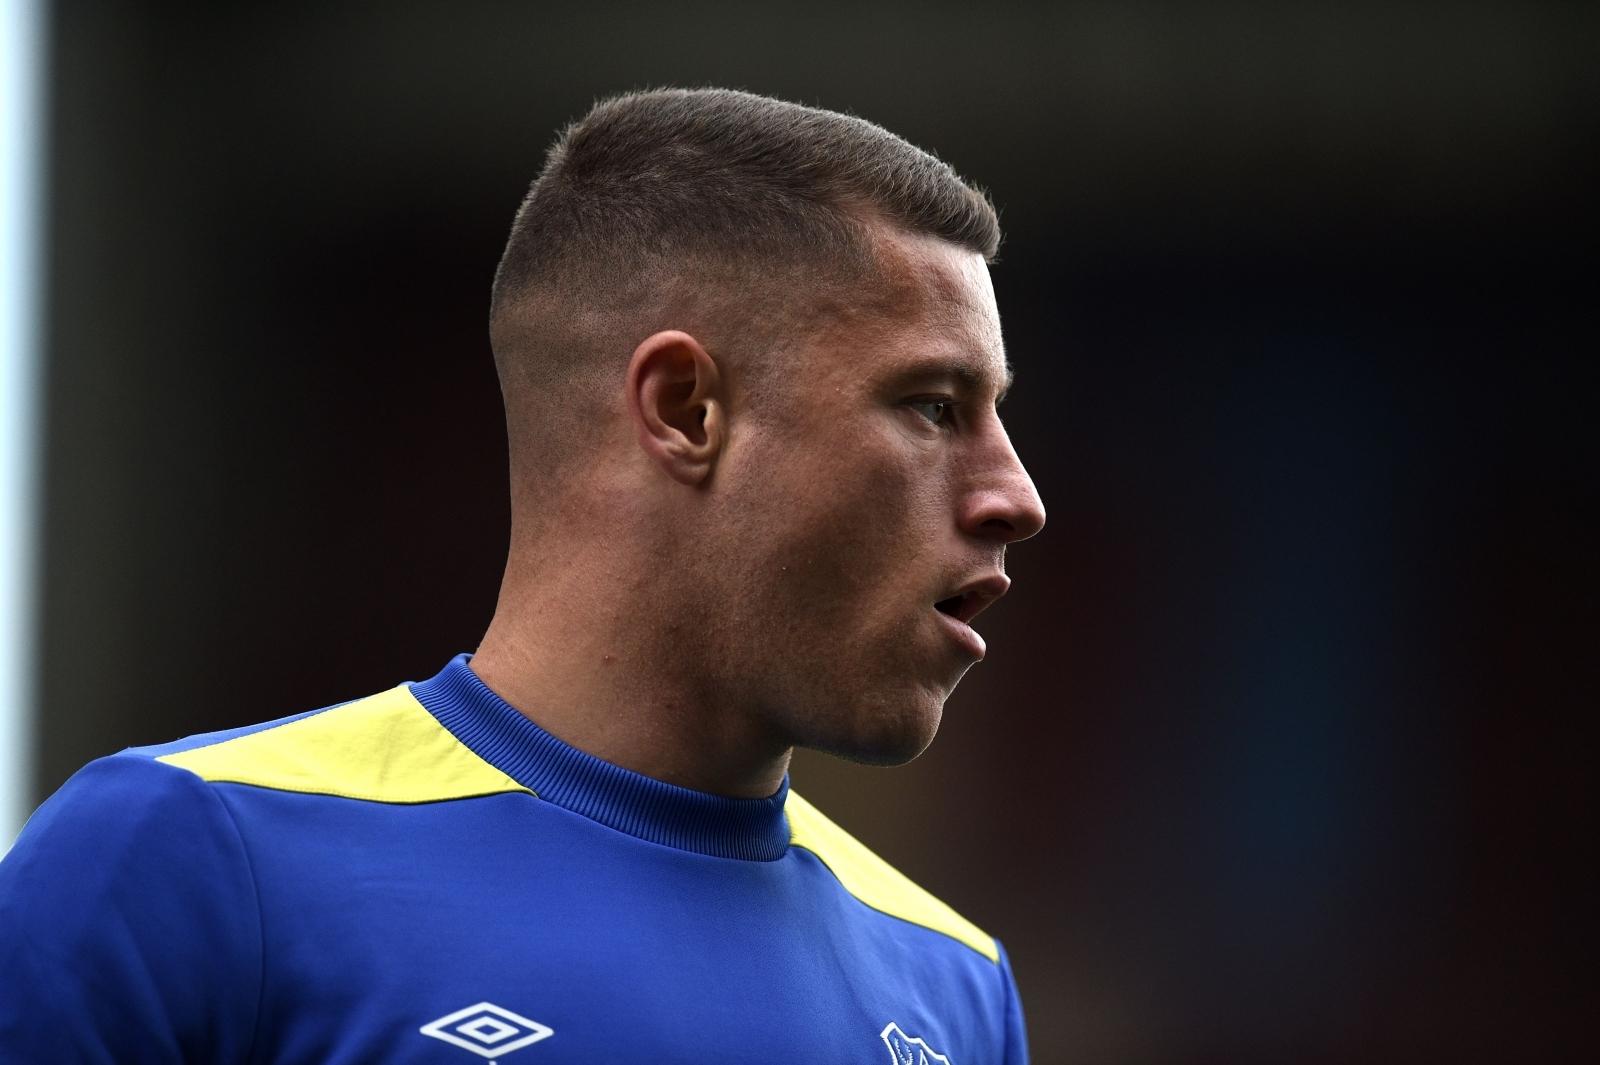 Barkley fit for Brighton clash: Conte